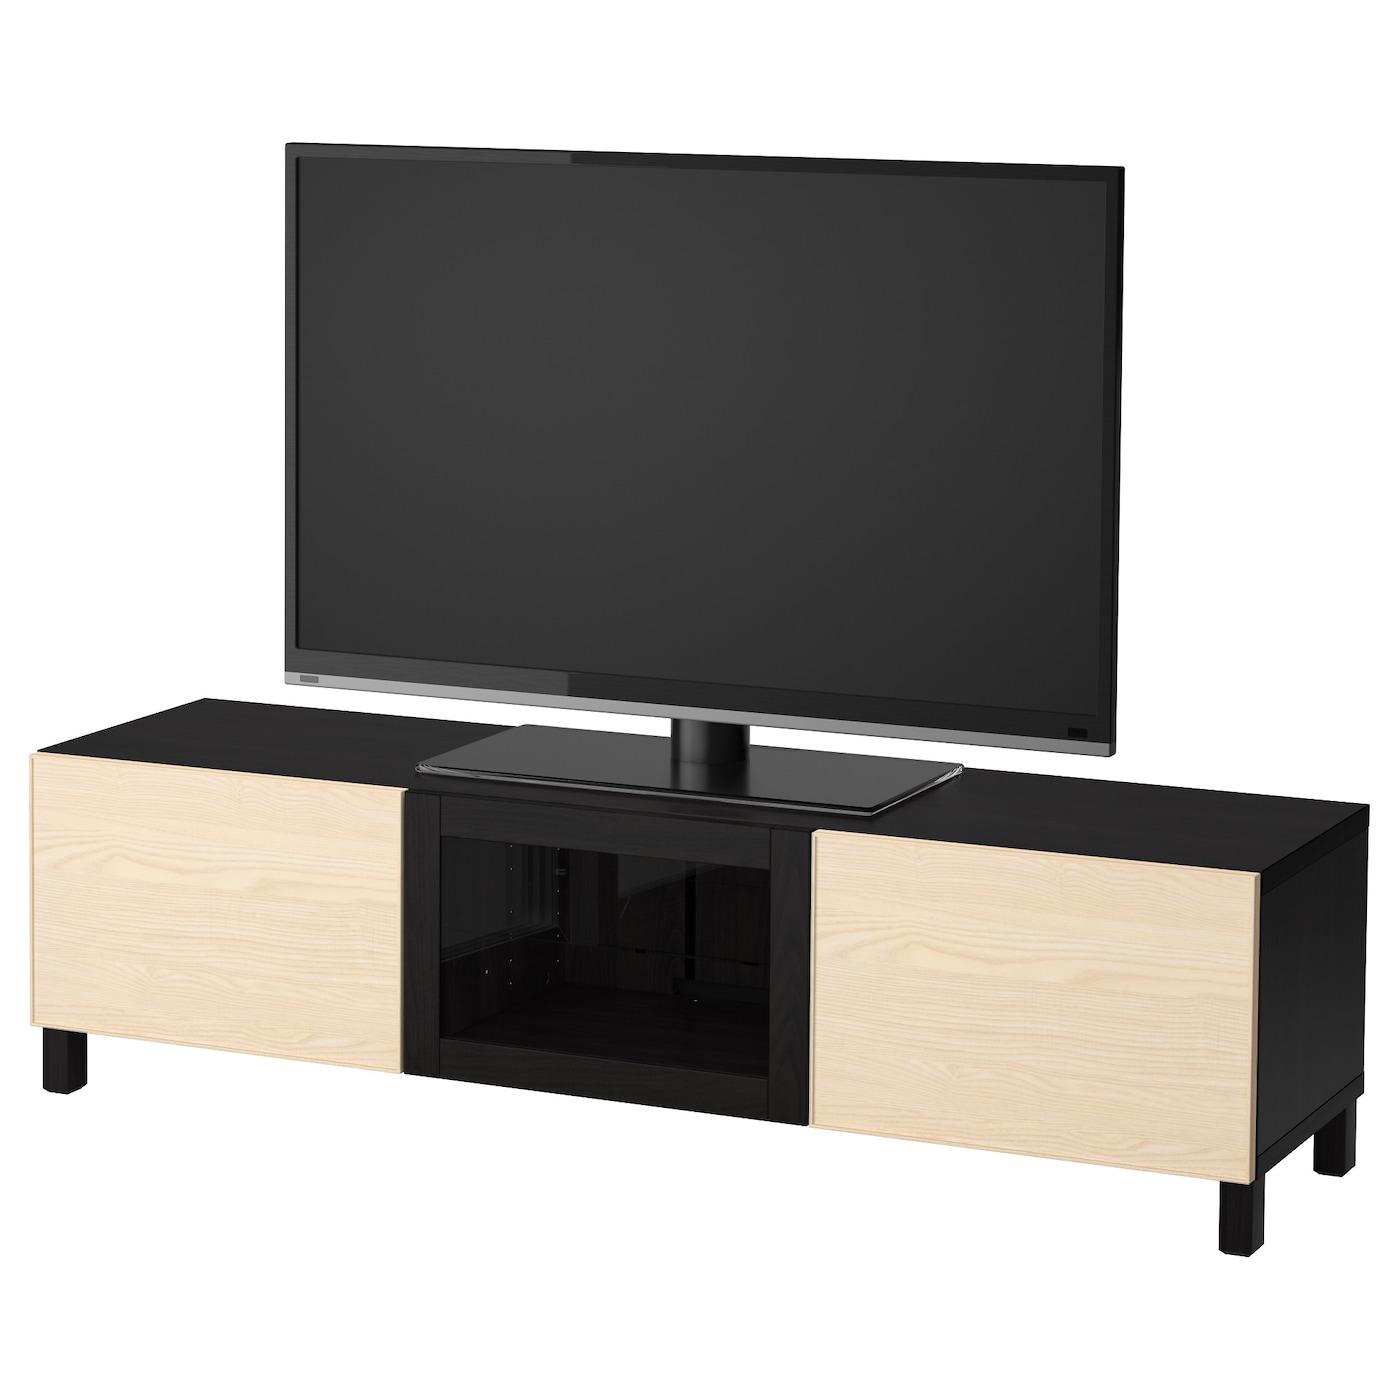 wohnzimmer tv hifi m bel online kaufen m bel suchmaschine. Black Bedroom Furniture Sets. Home Design Ideas